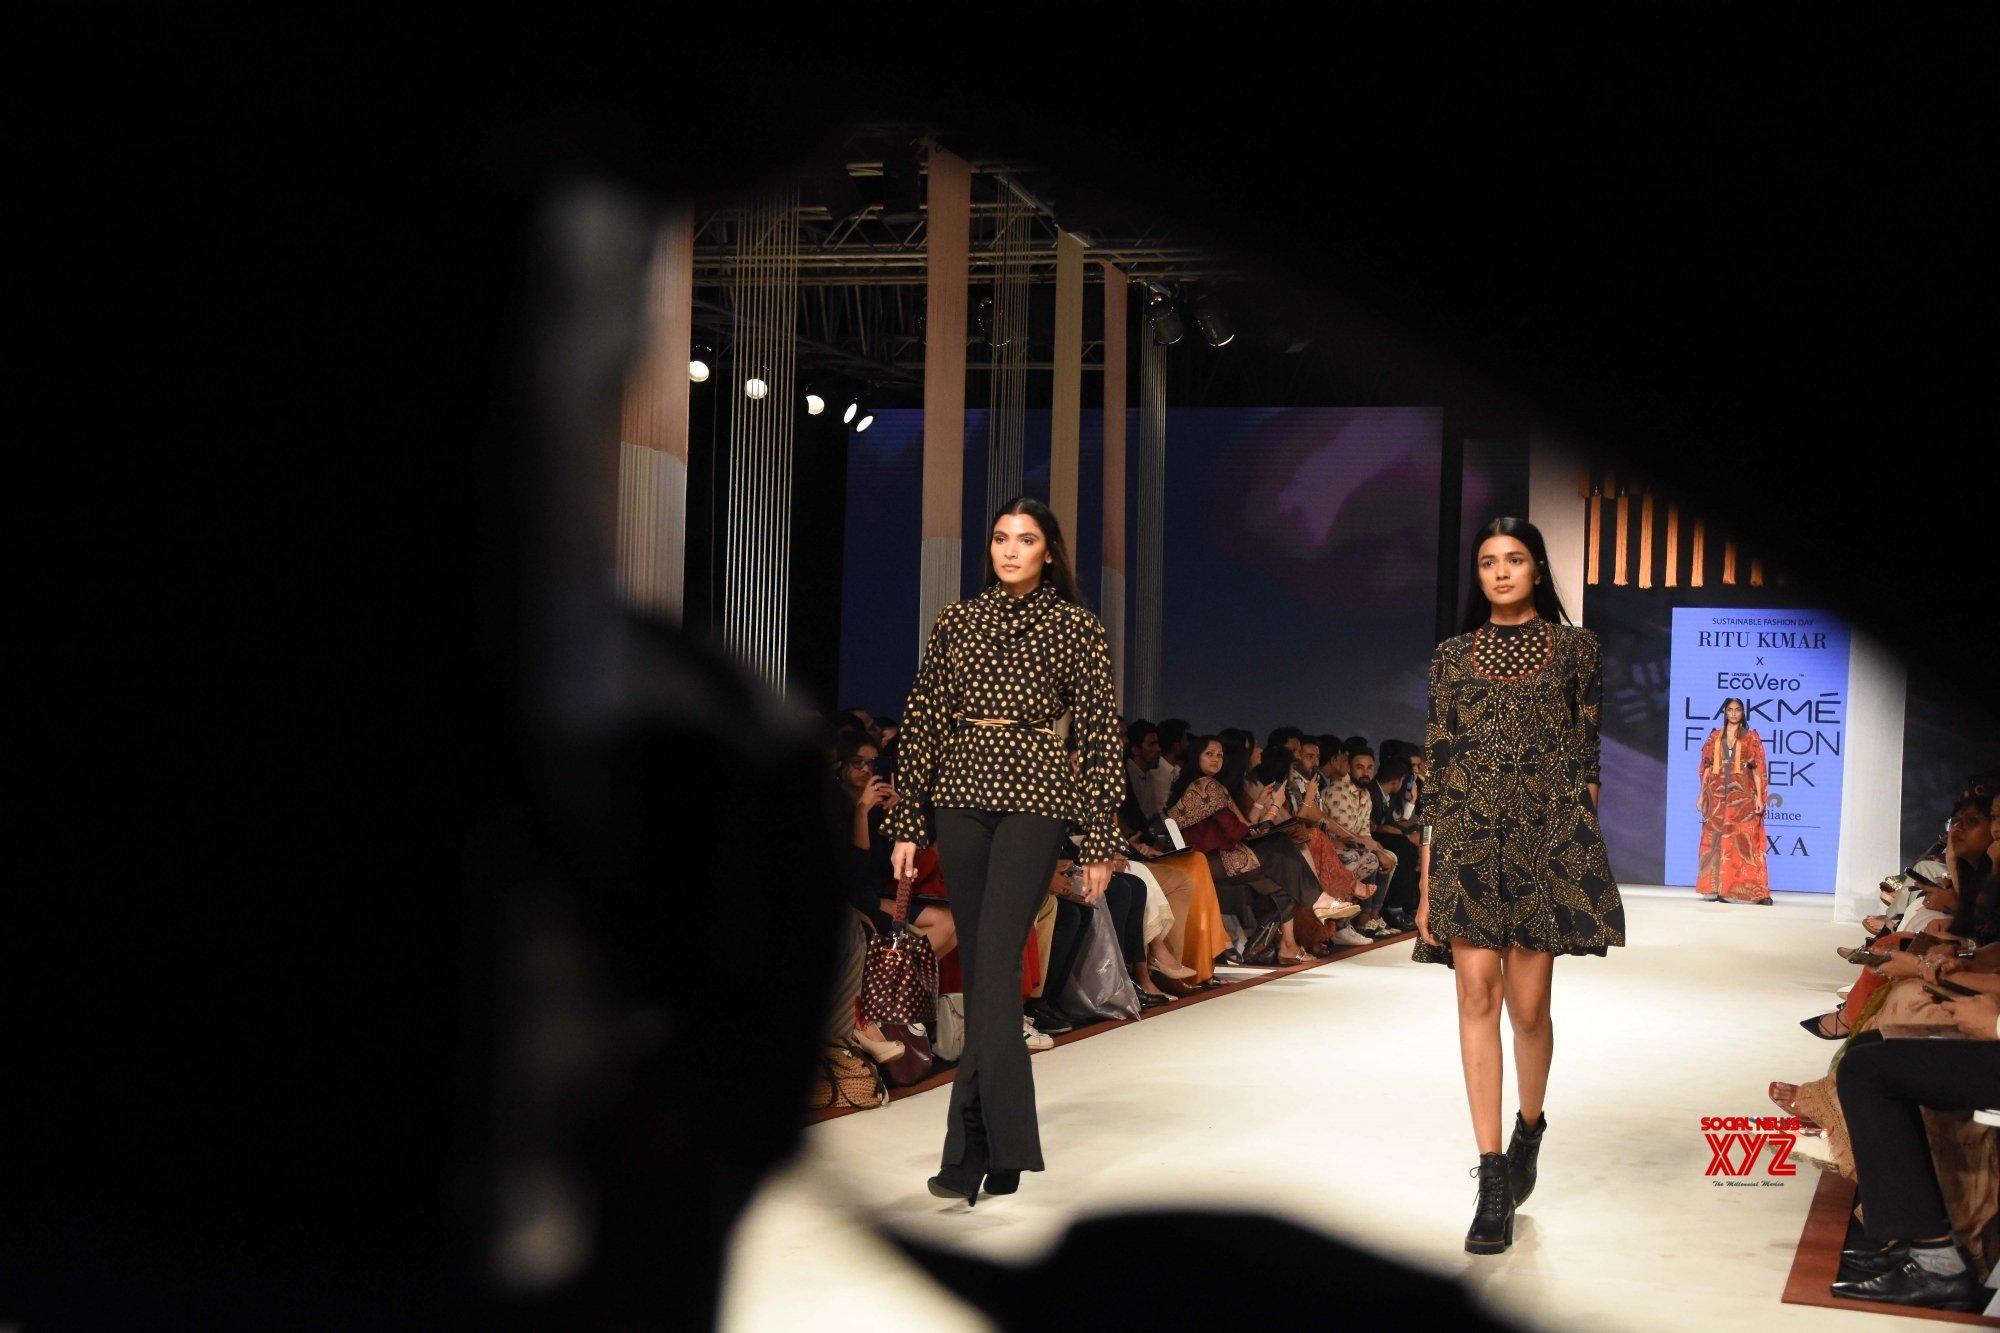 Mumbai: Aditi Rao Hydari walks for Ritu Kumar at Lakme Fashion Week Day 3 #Gallery